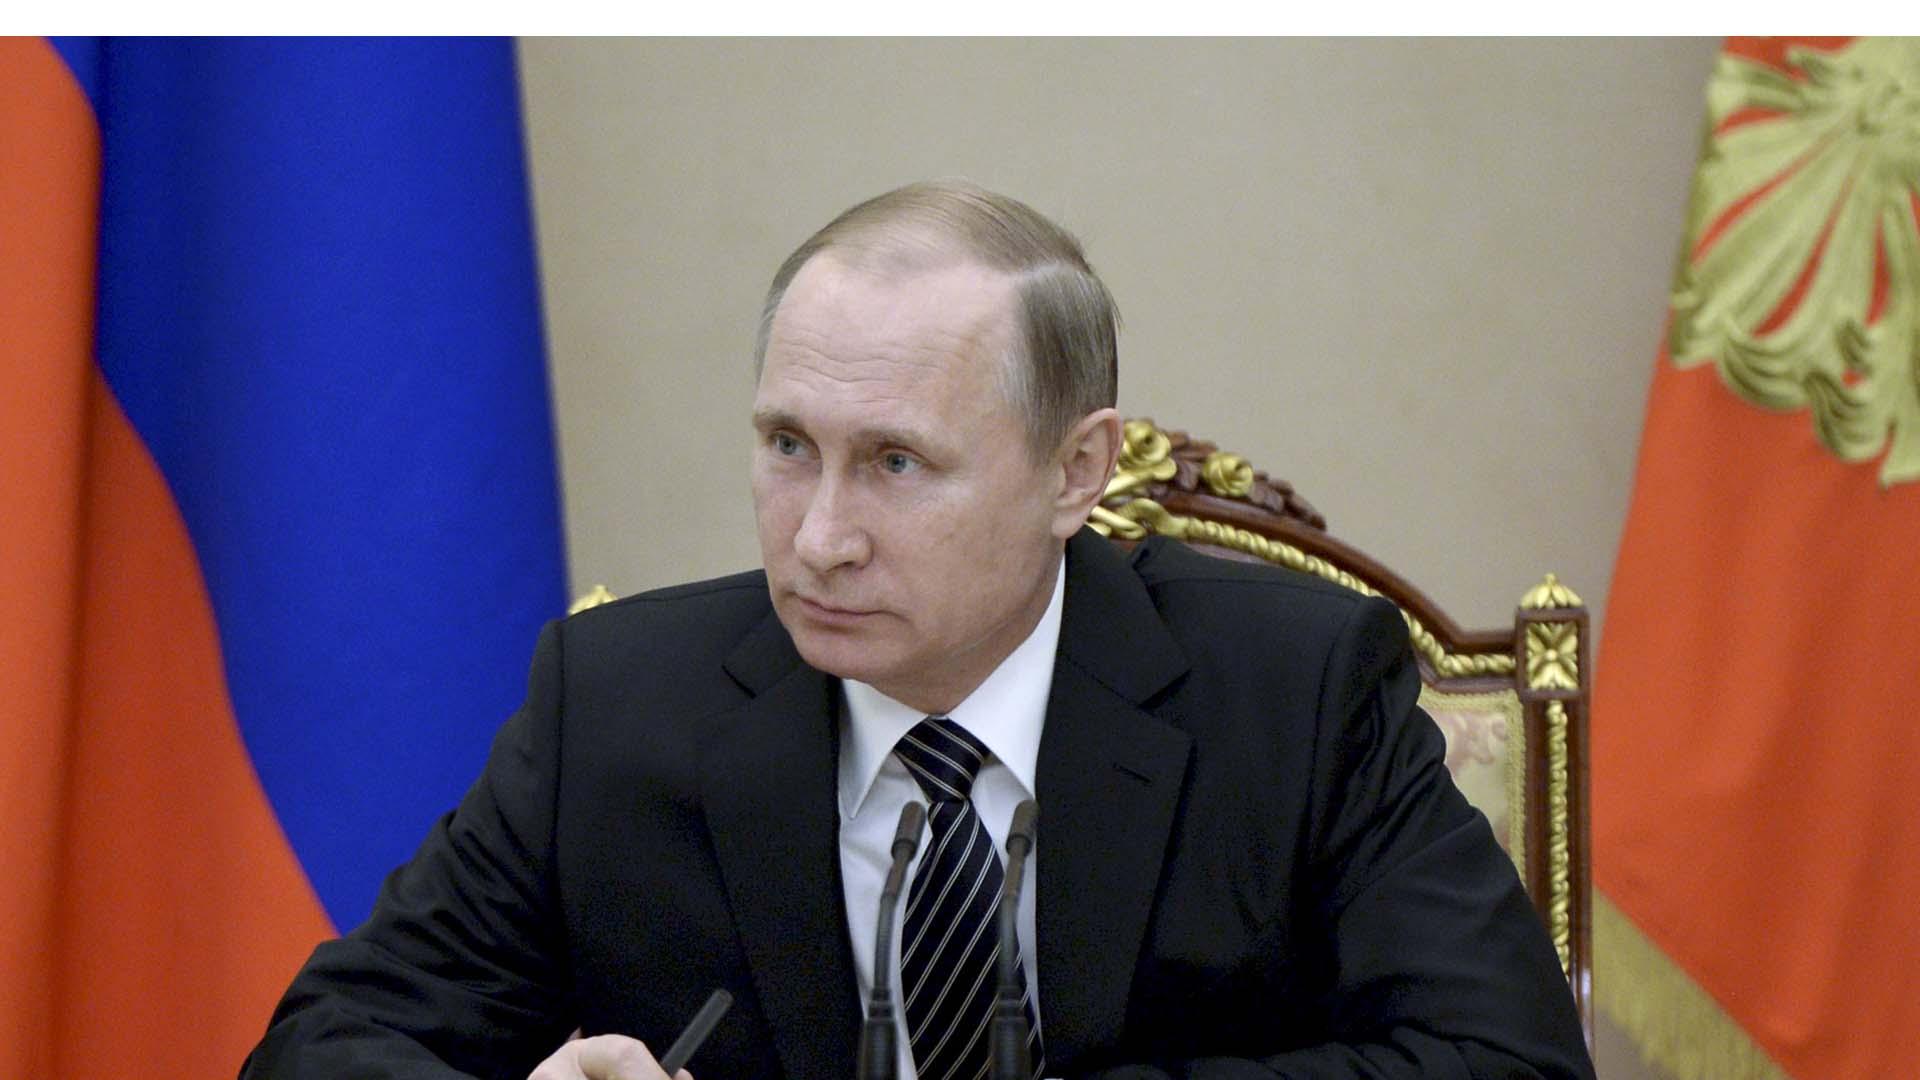 El mandatario recorrerá la construcción de un puente en el estrecho de Kerch para conectar la península ucraniana con tierra firme rusa